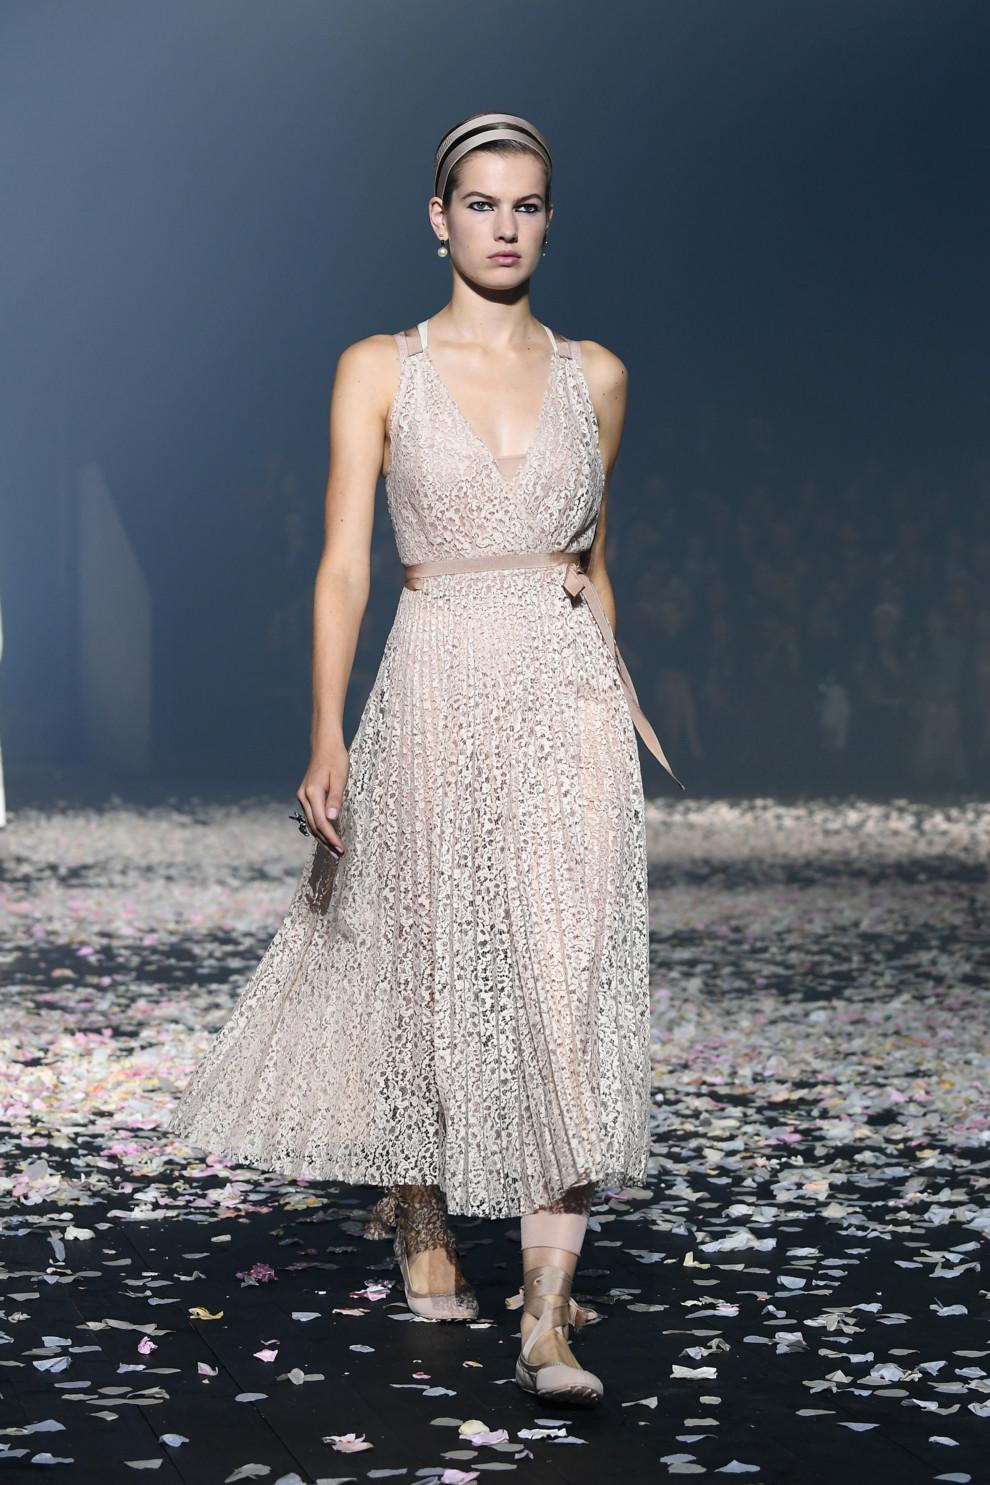 5ba8ff2e54516 - Старт Недели моды в Париже: Christian Dior весна-лето 2019